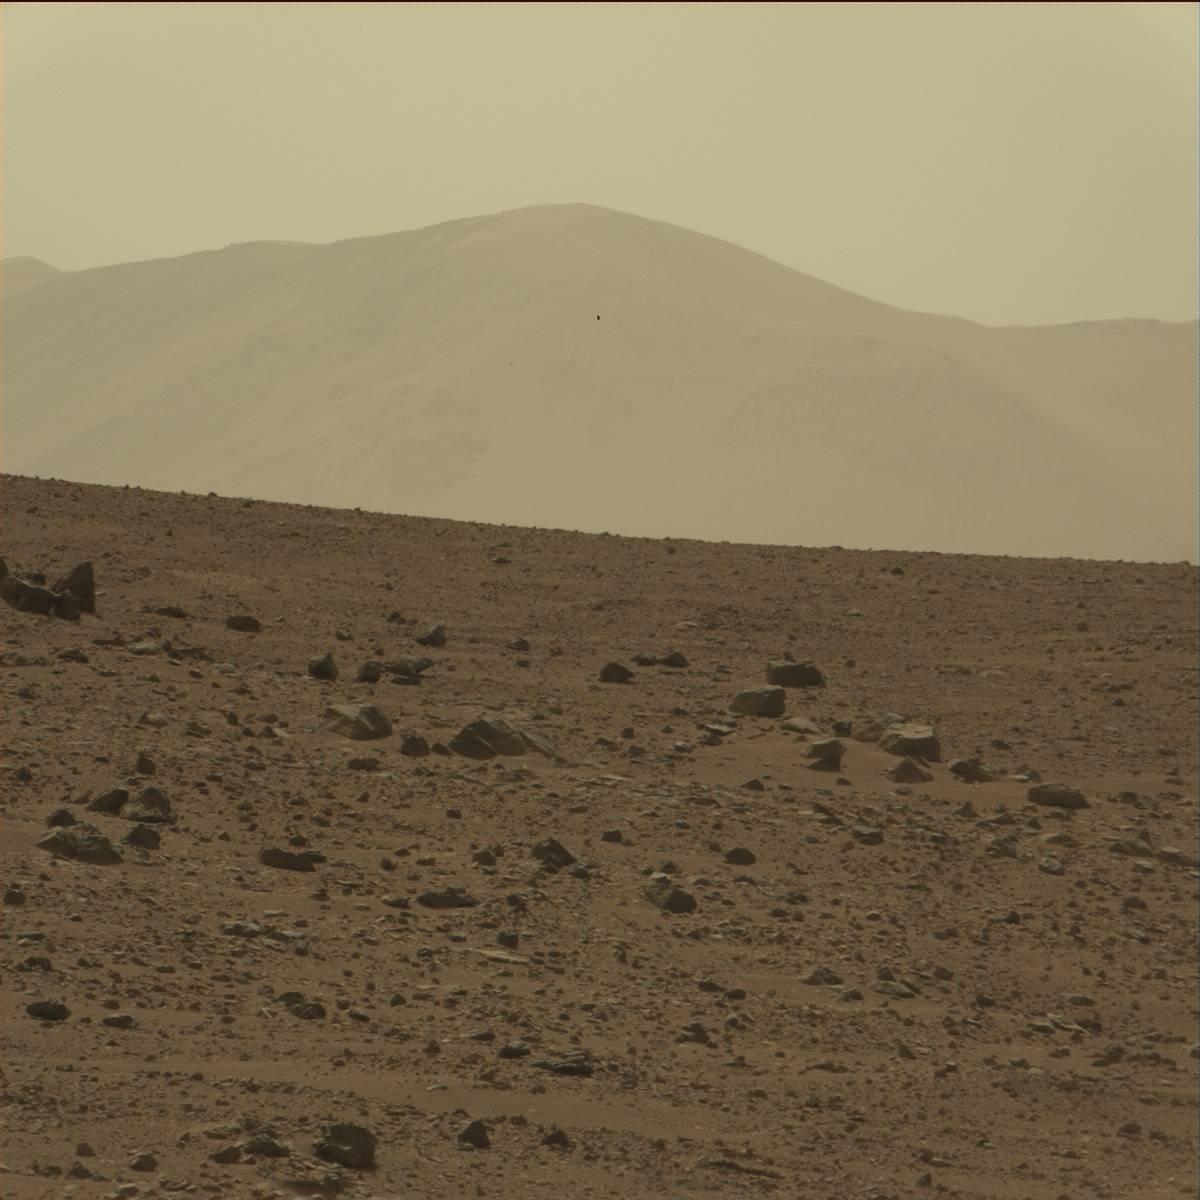 rover 75 mars - photo #37